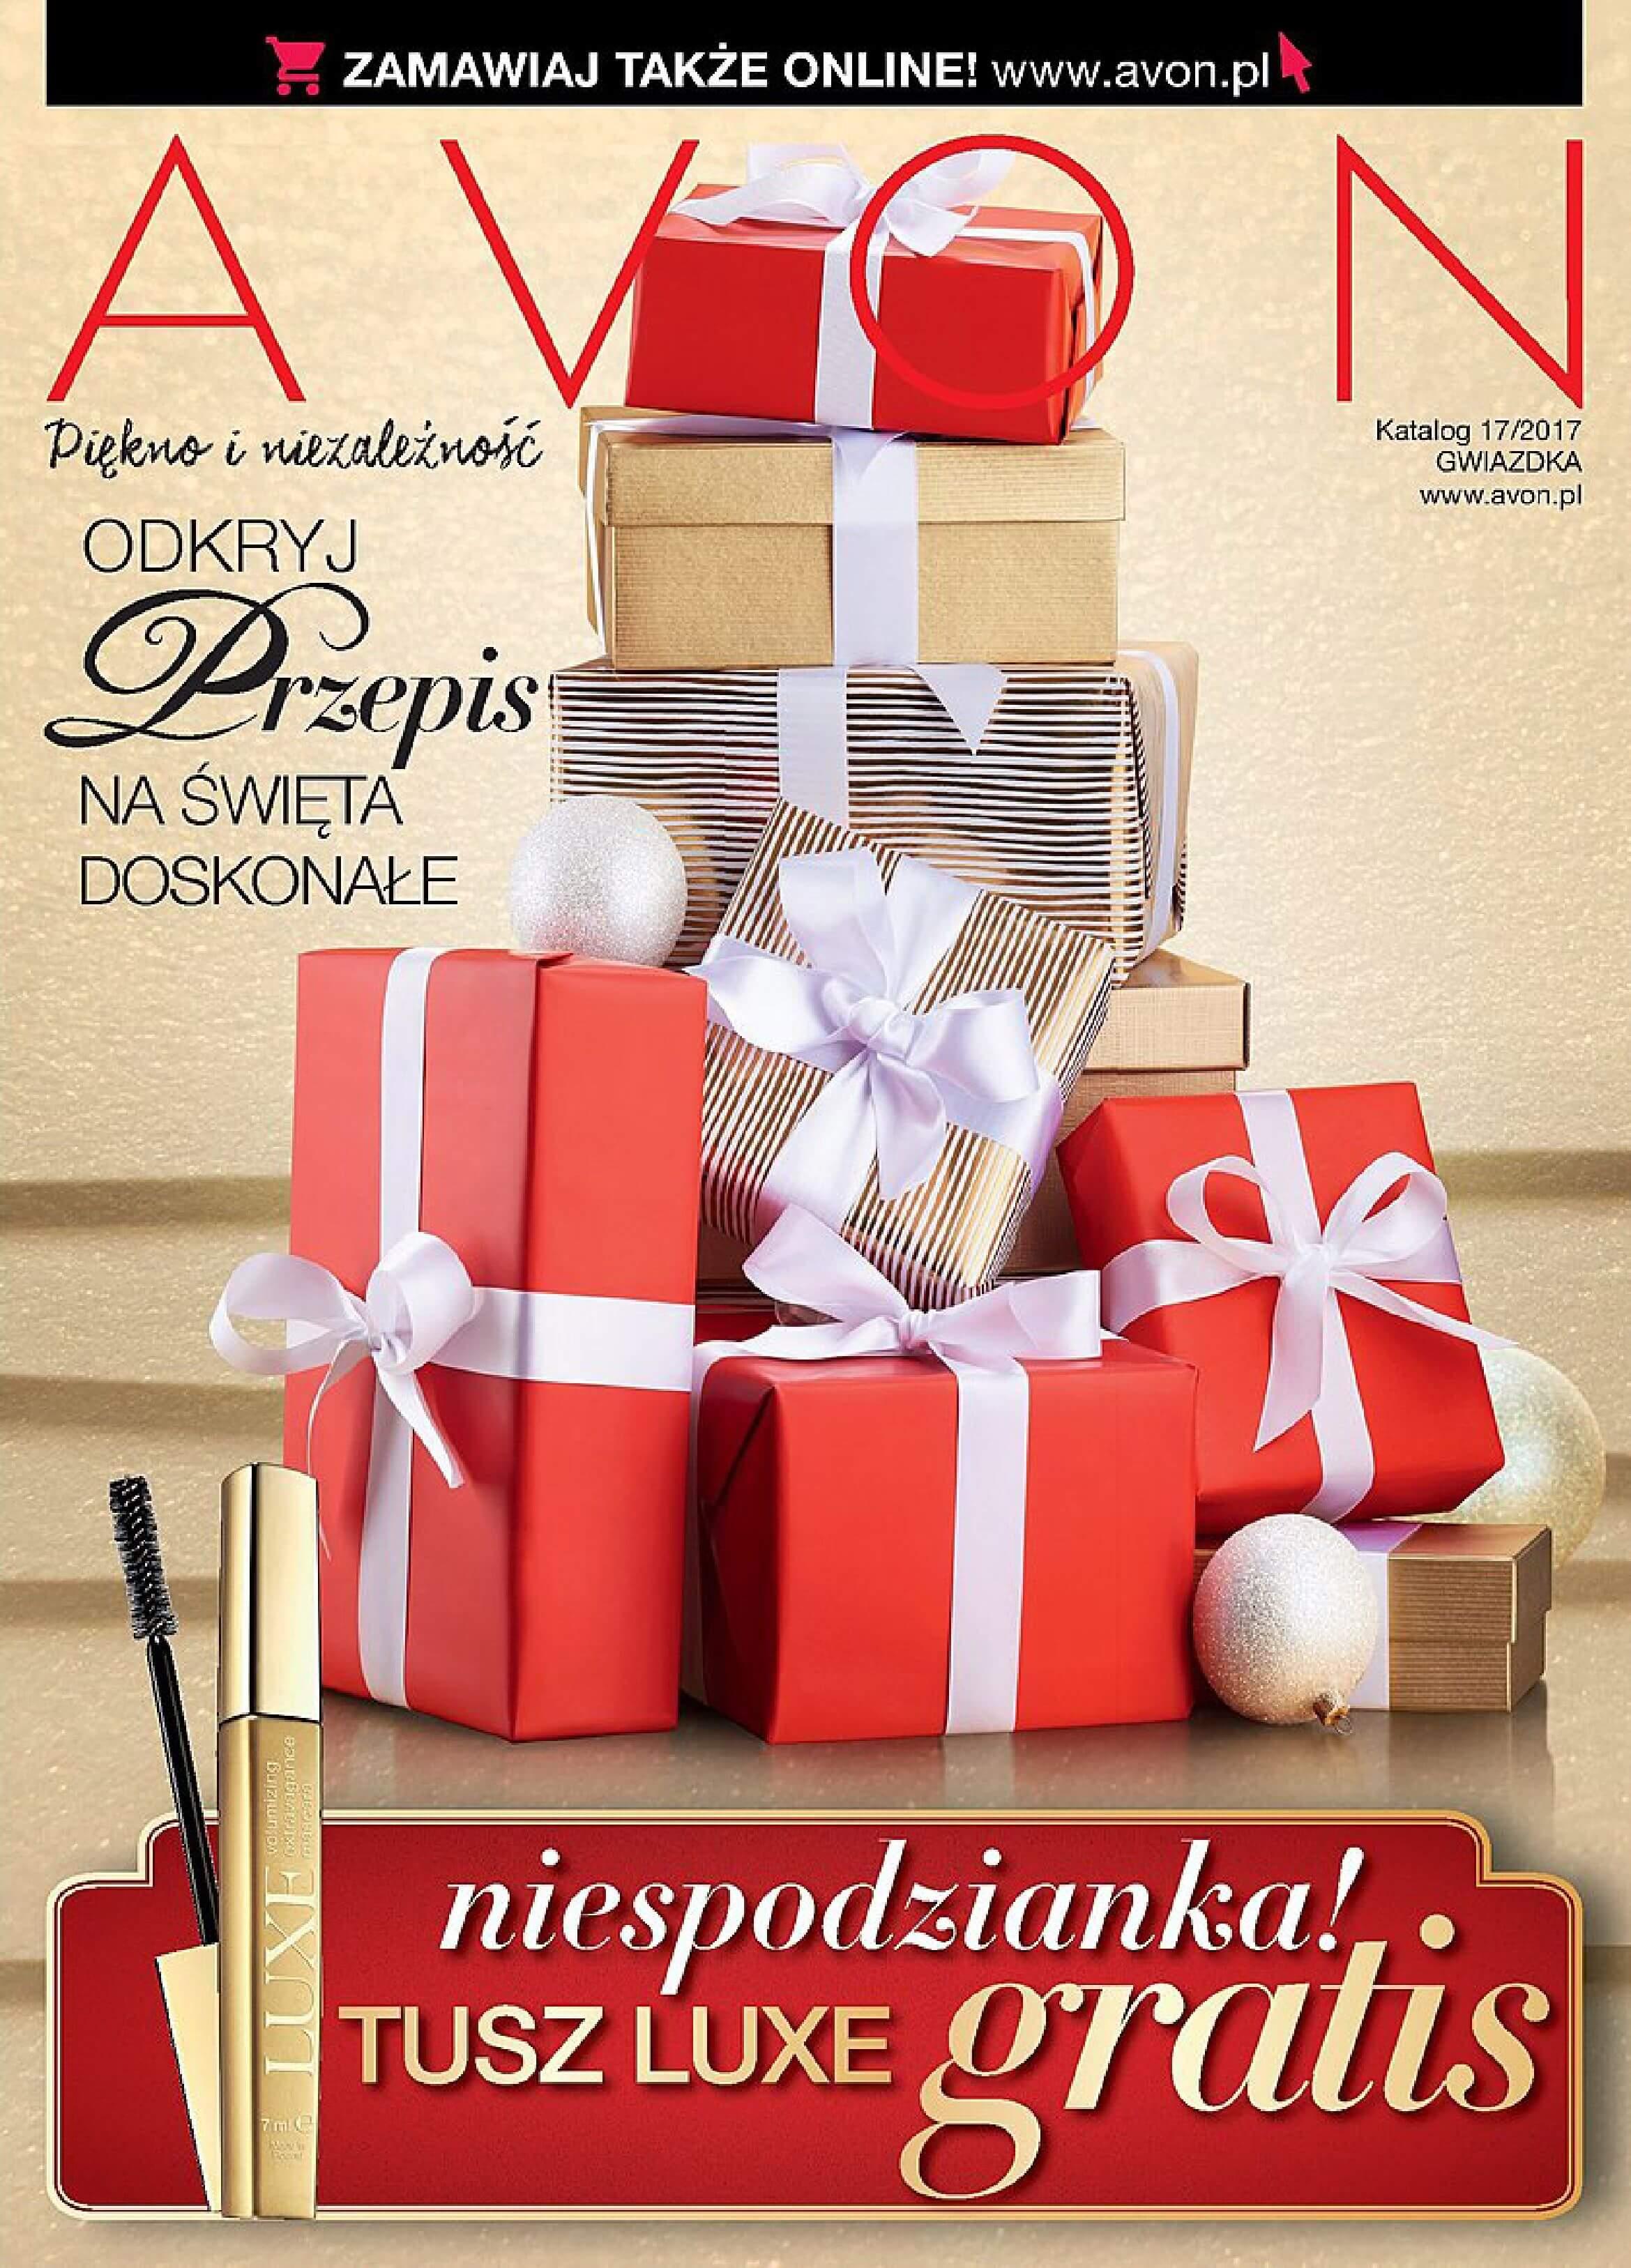 Gazetka Avon - Katalog 17/2017 Gwiazdka-29.11.2017-27.12.2017-page-1